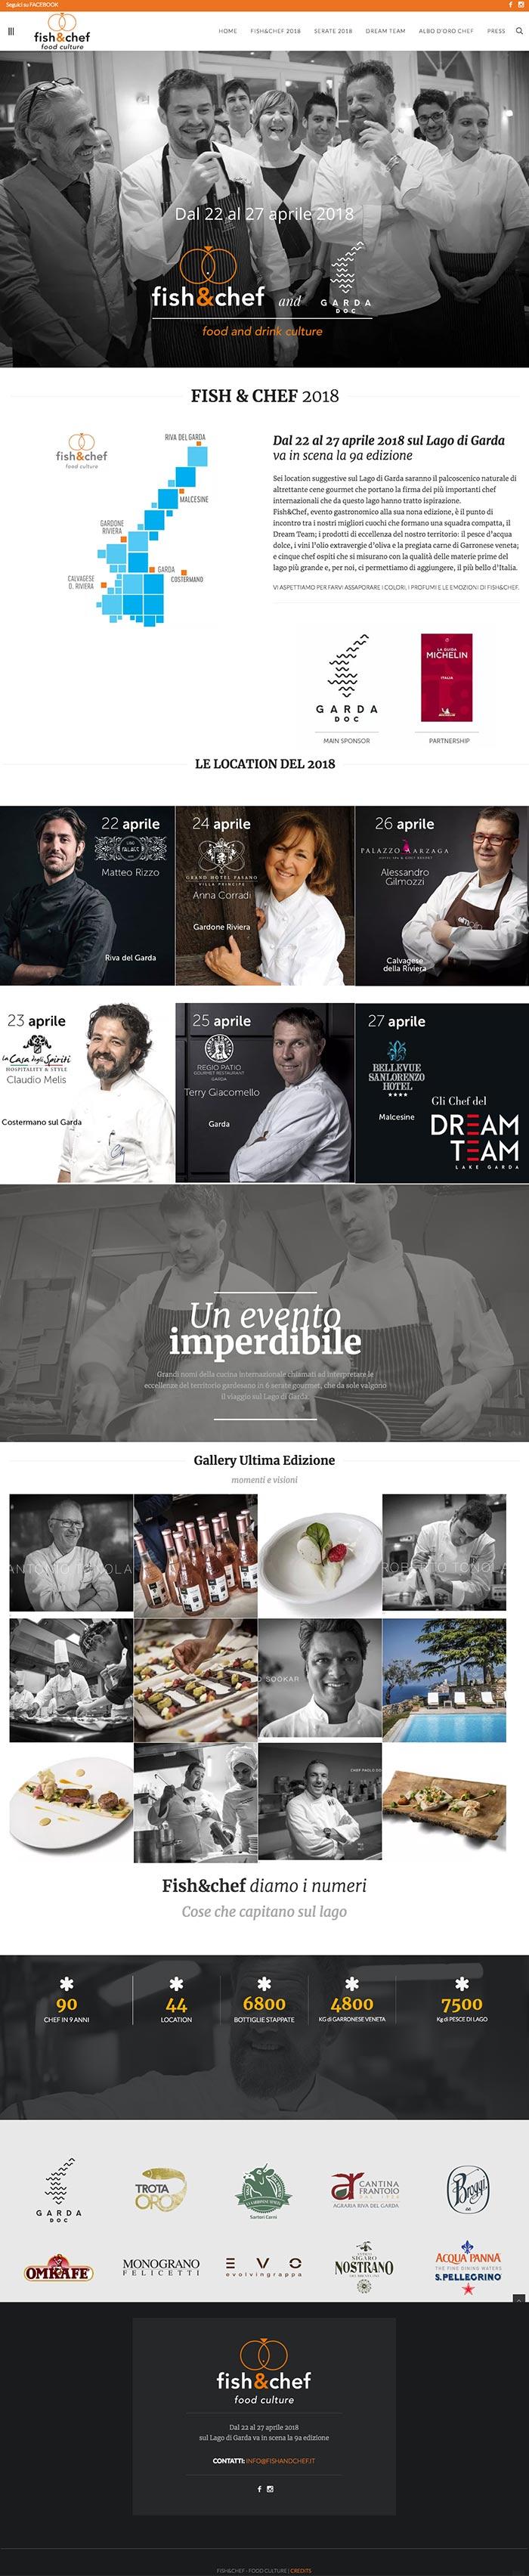 fish&chef - evento sul Lago di garda con chef a 2 stelle. Web omanu